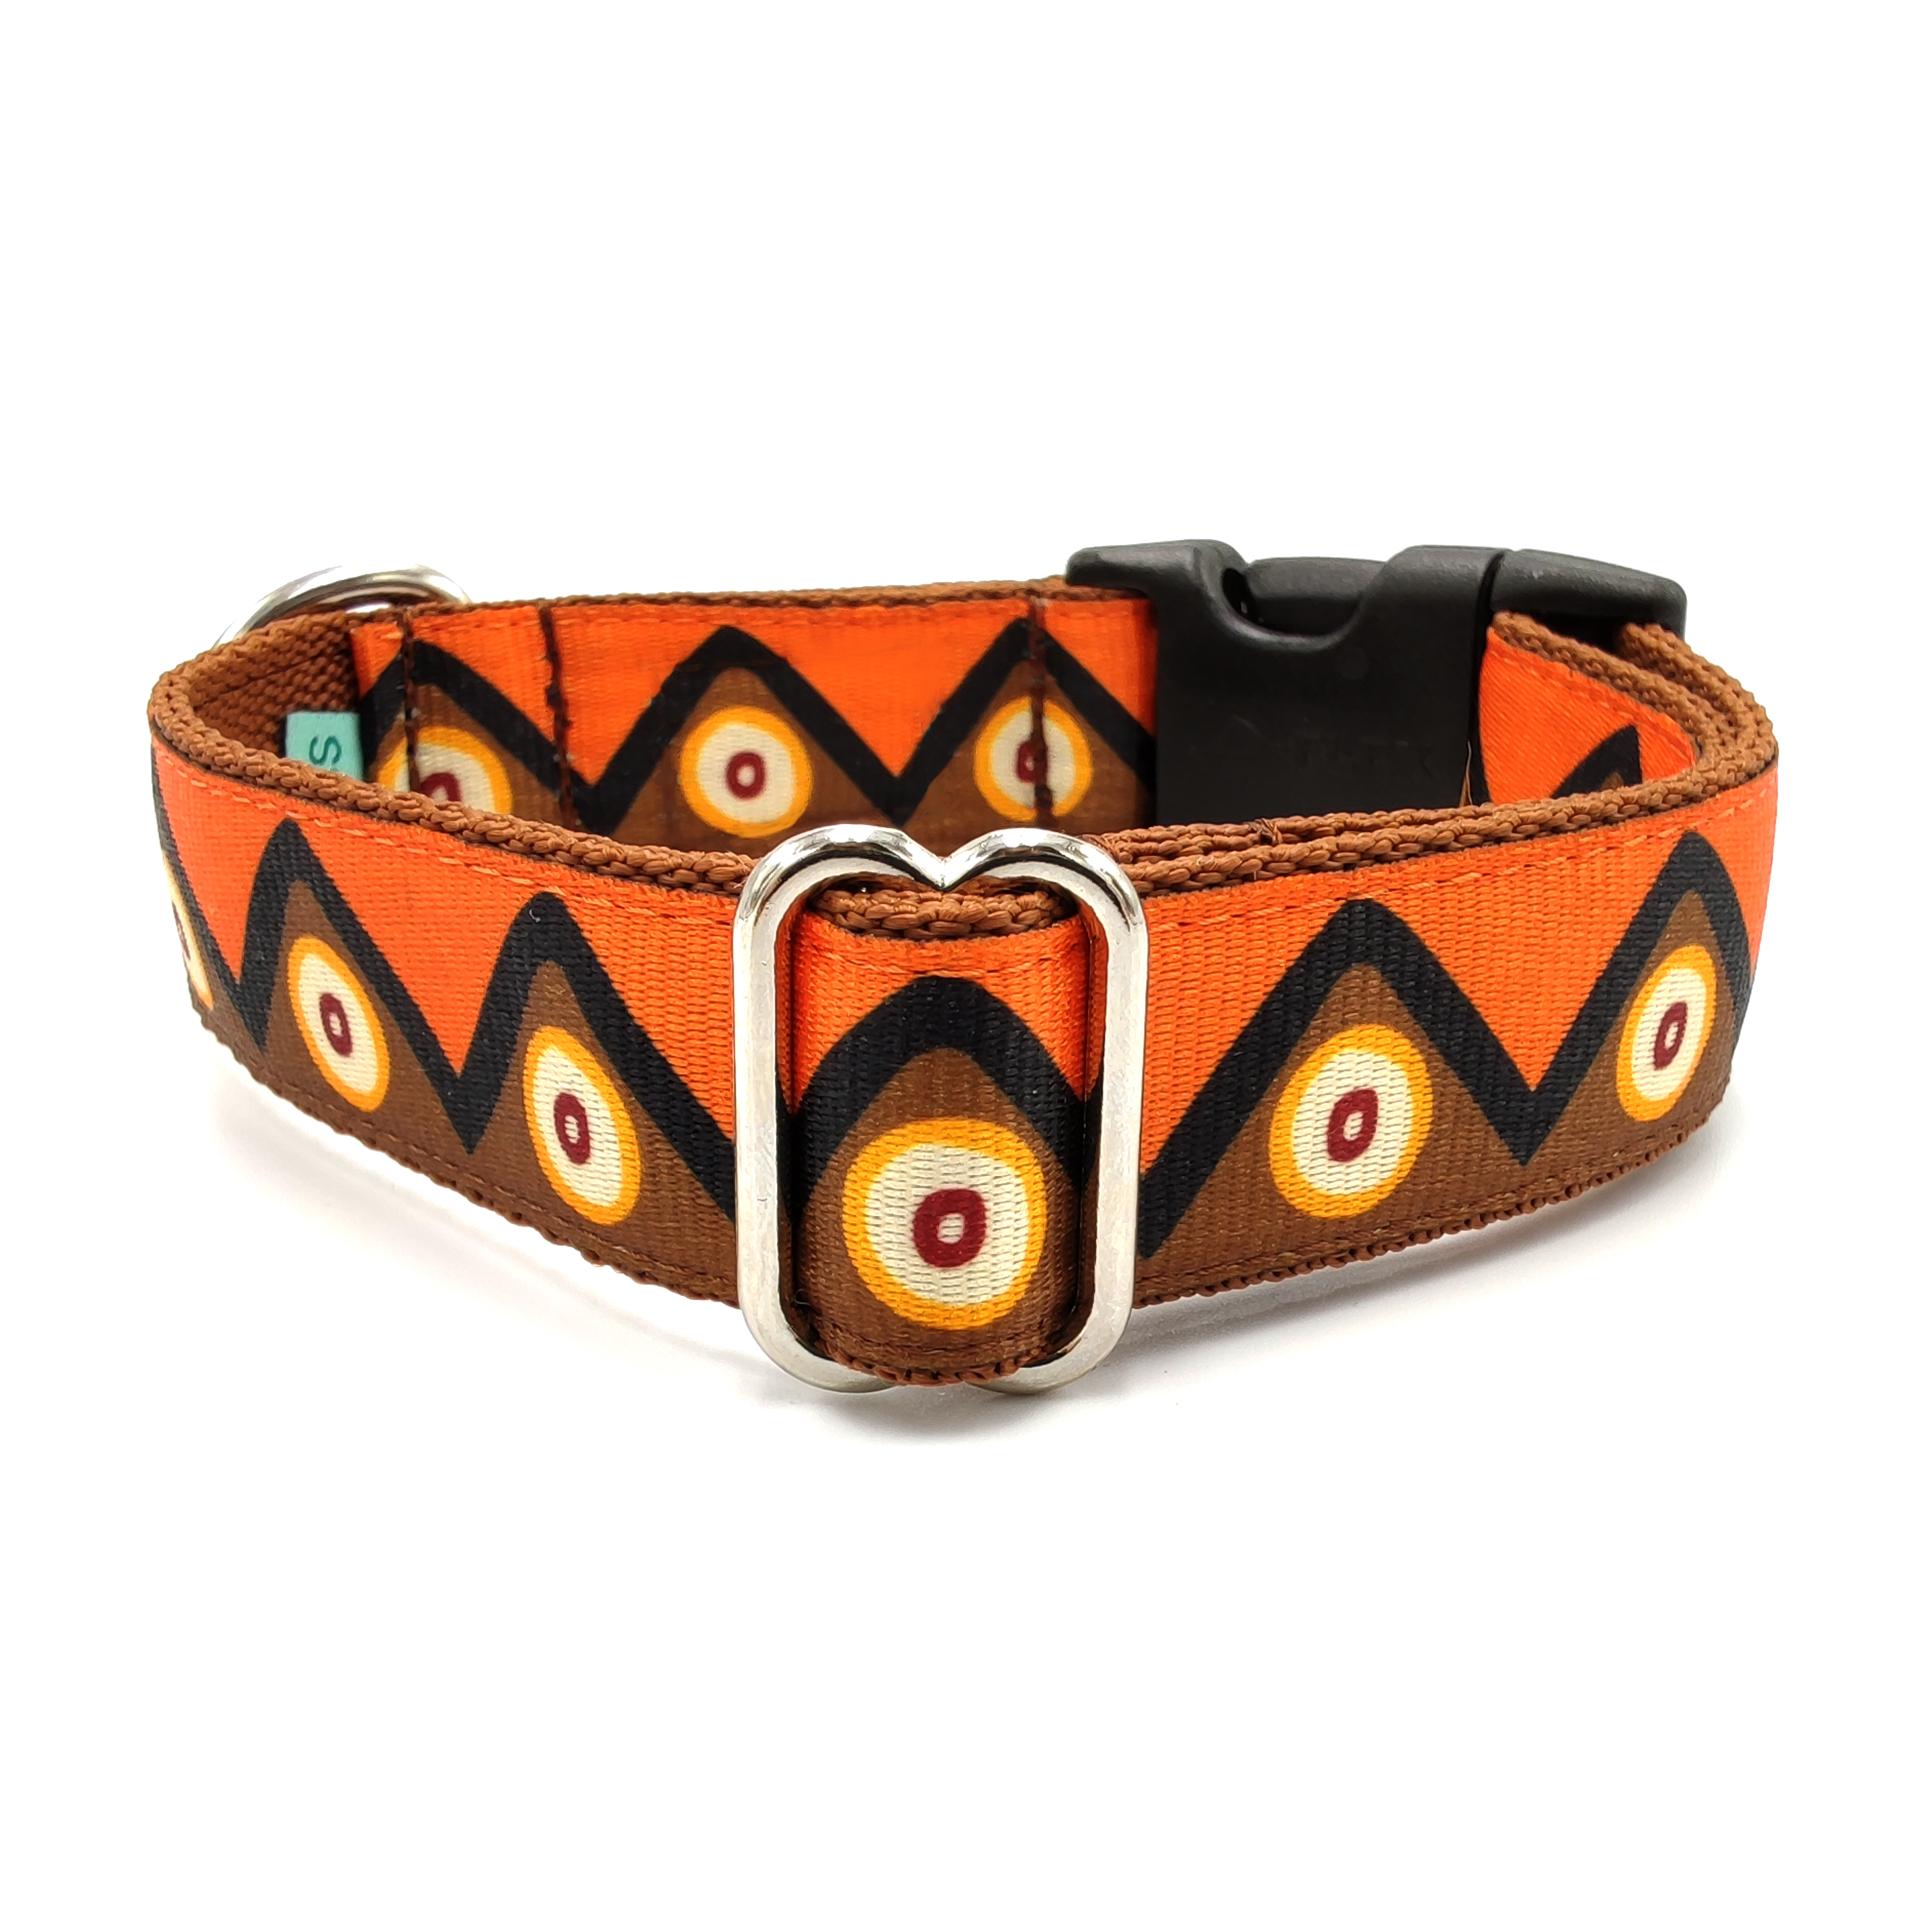 Radar dog collar